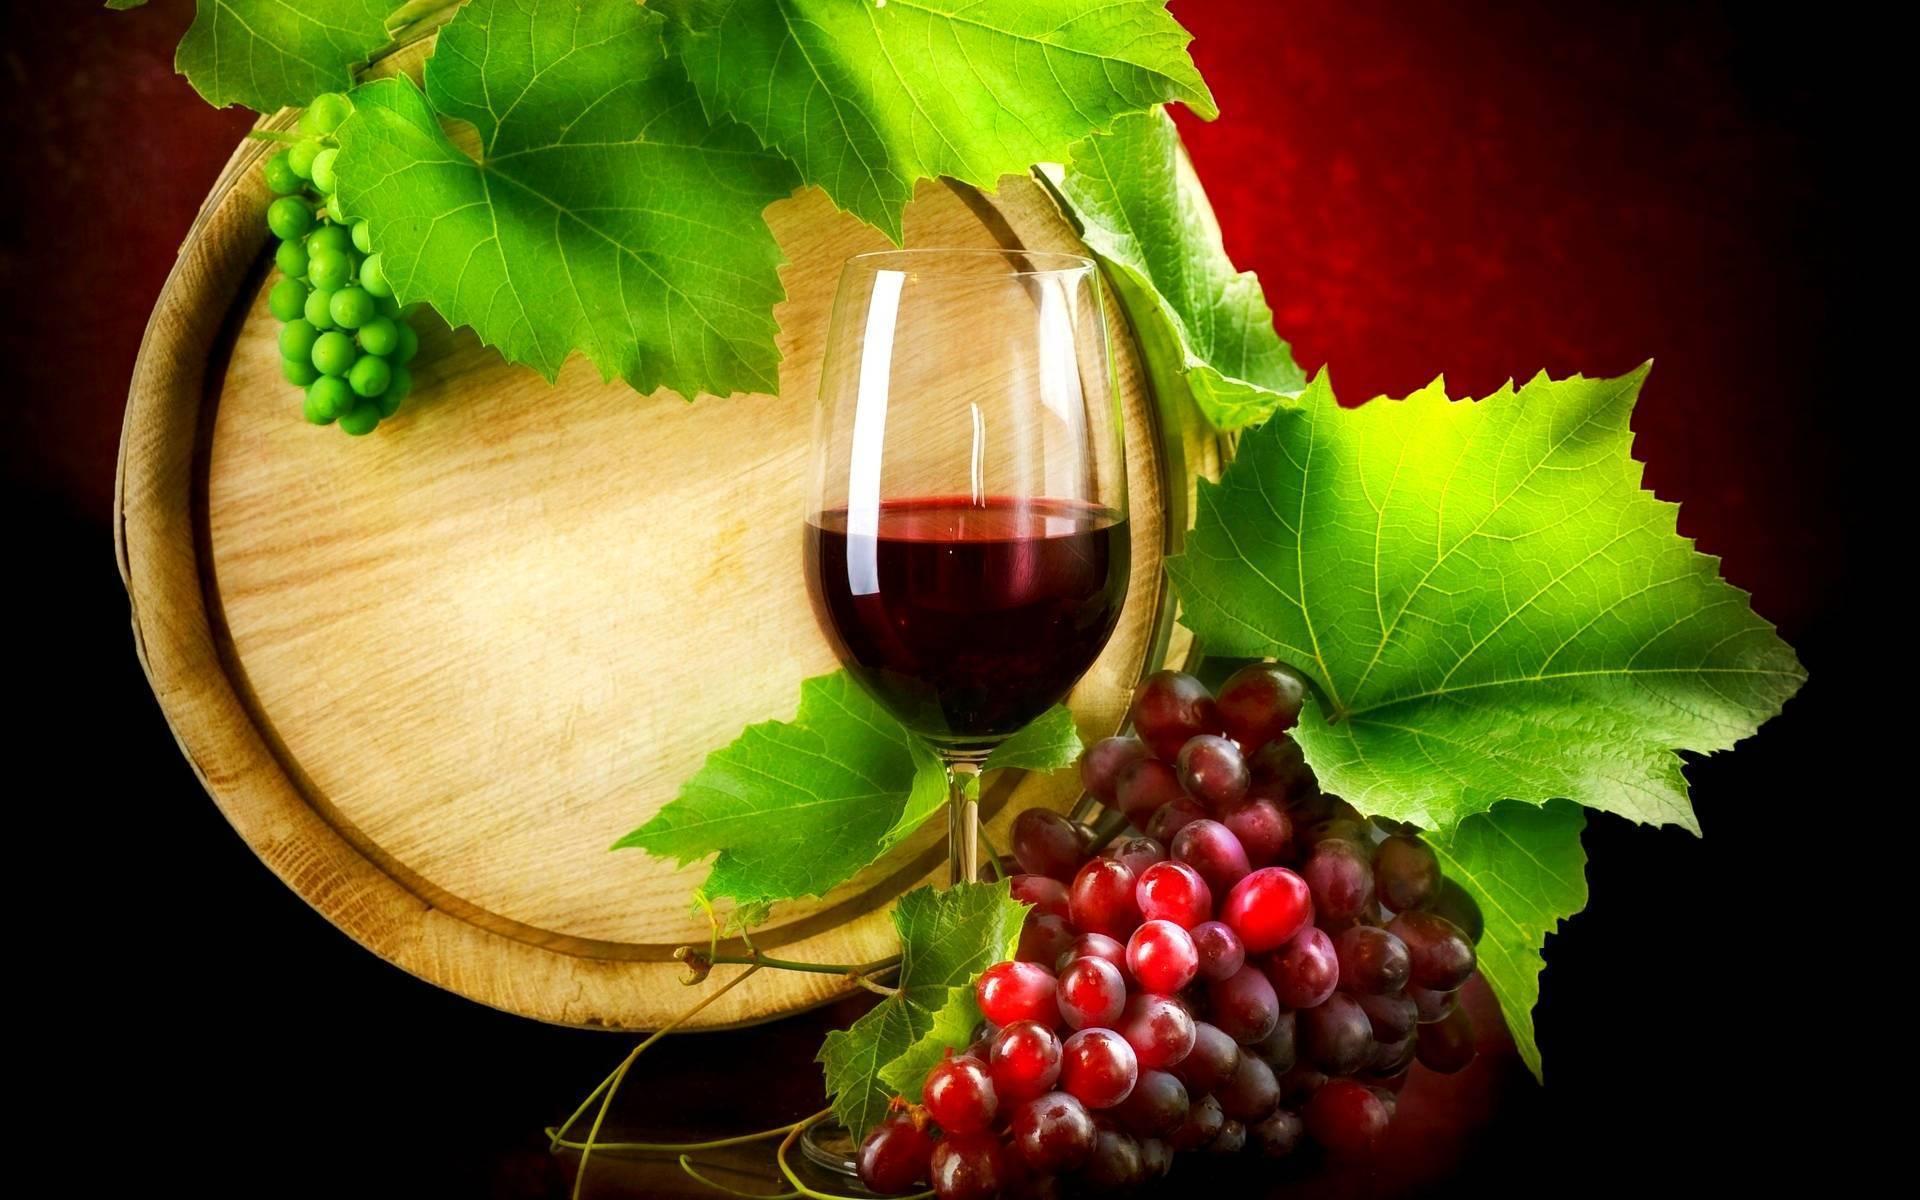 programma_sagra_dell_uva_e_del_vino_donnici_2015